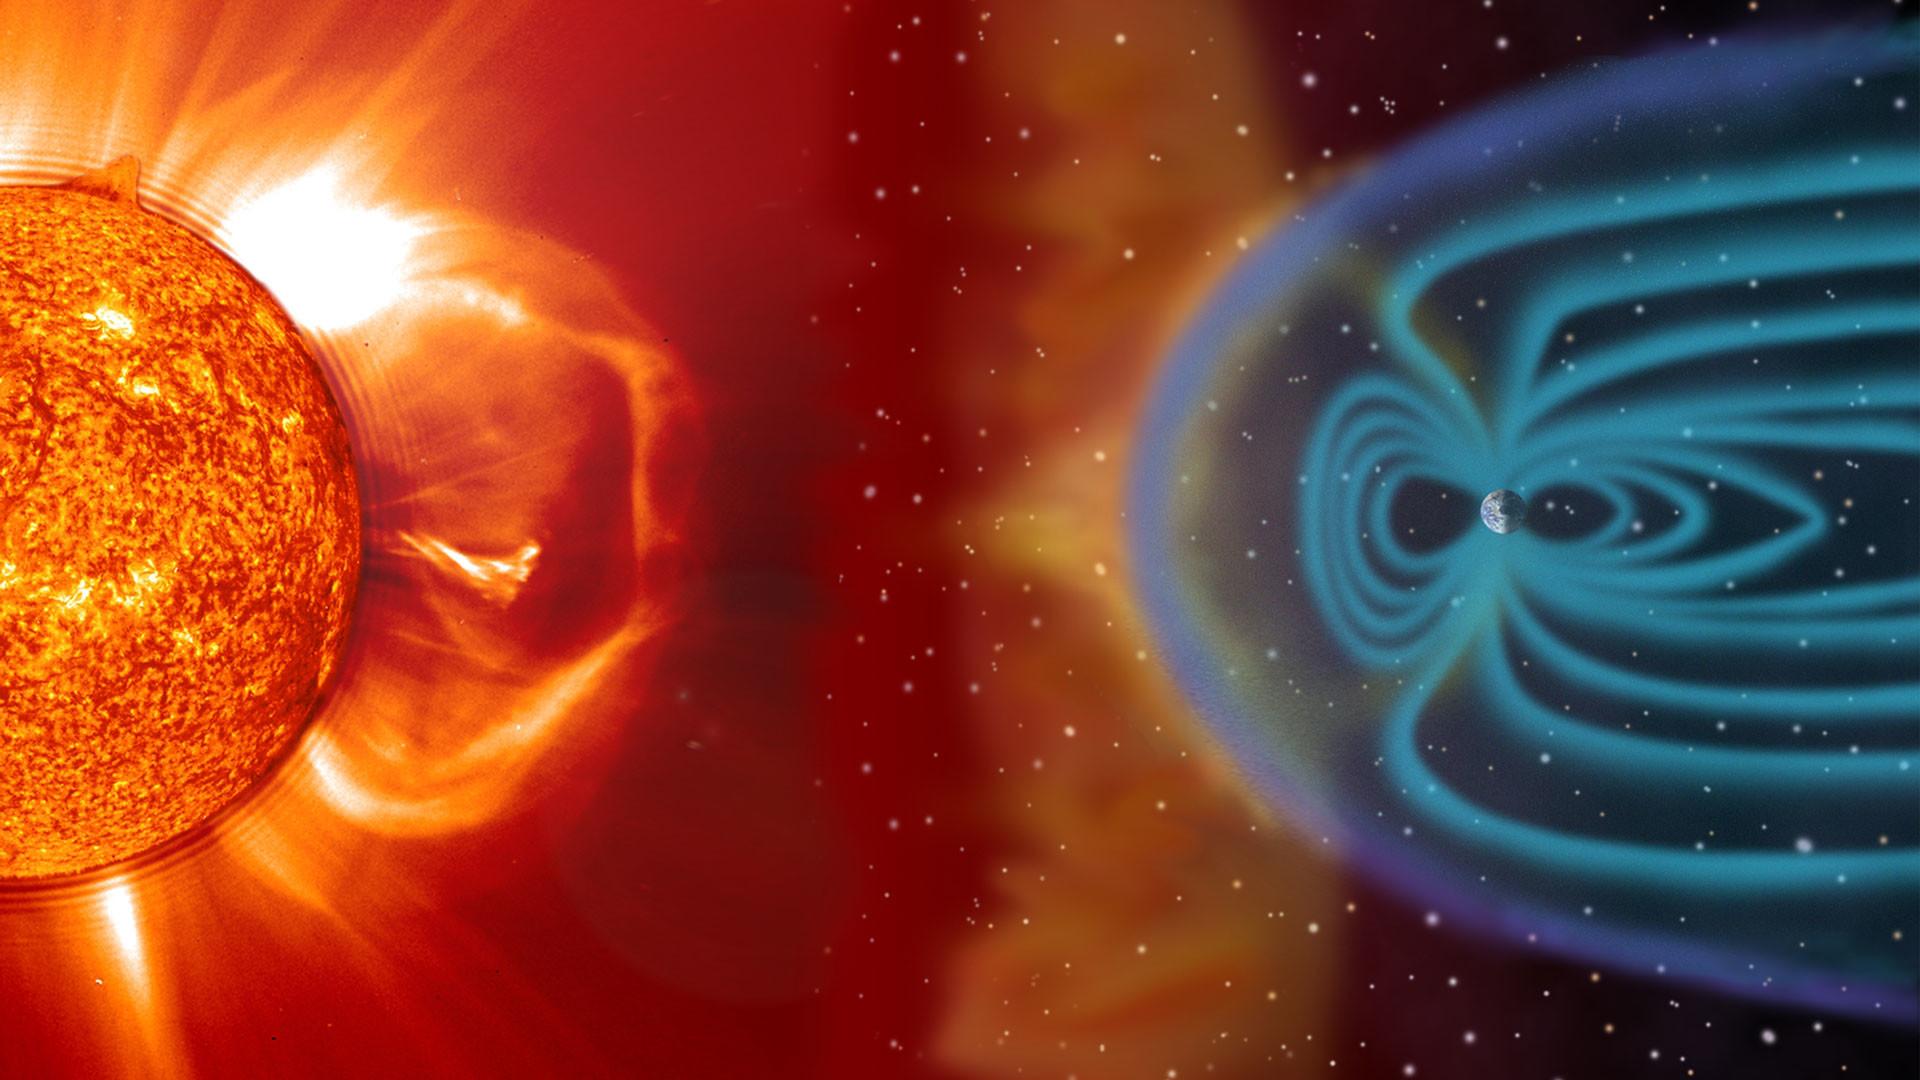 Фото: © flickr/NASA Goddard Space Flight Center